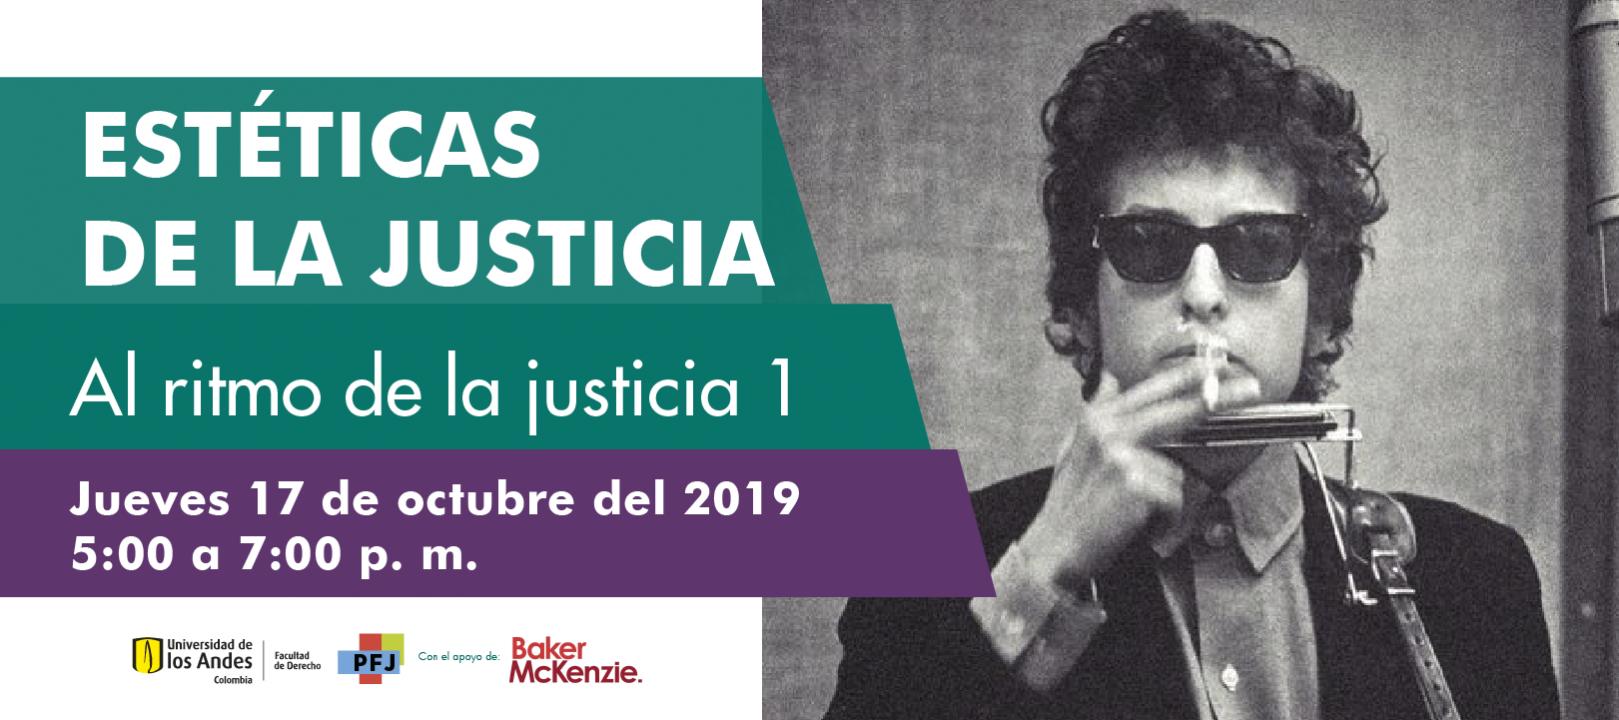 Estéticas de la justicia - Al ritmo de la justicia 1